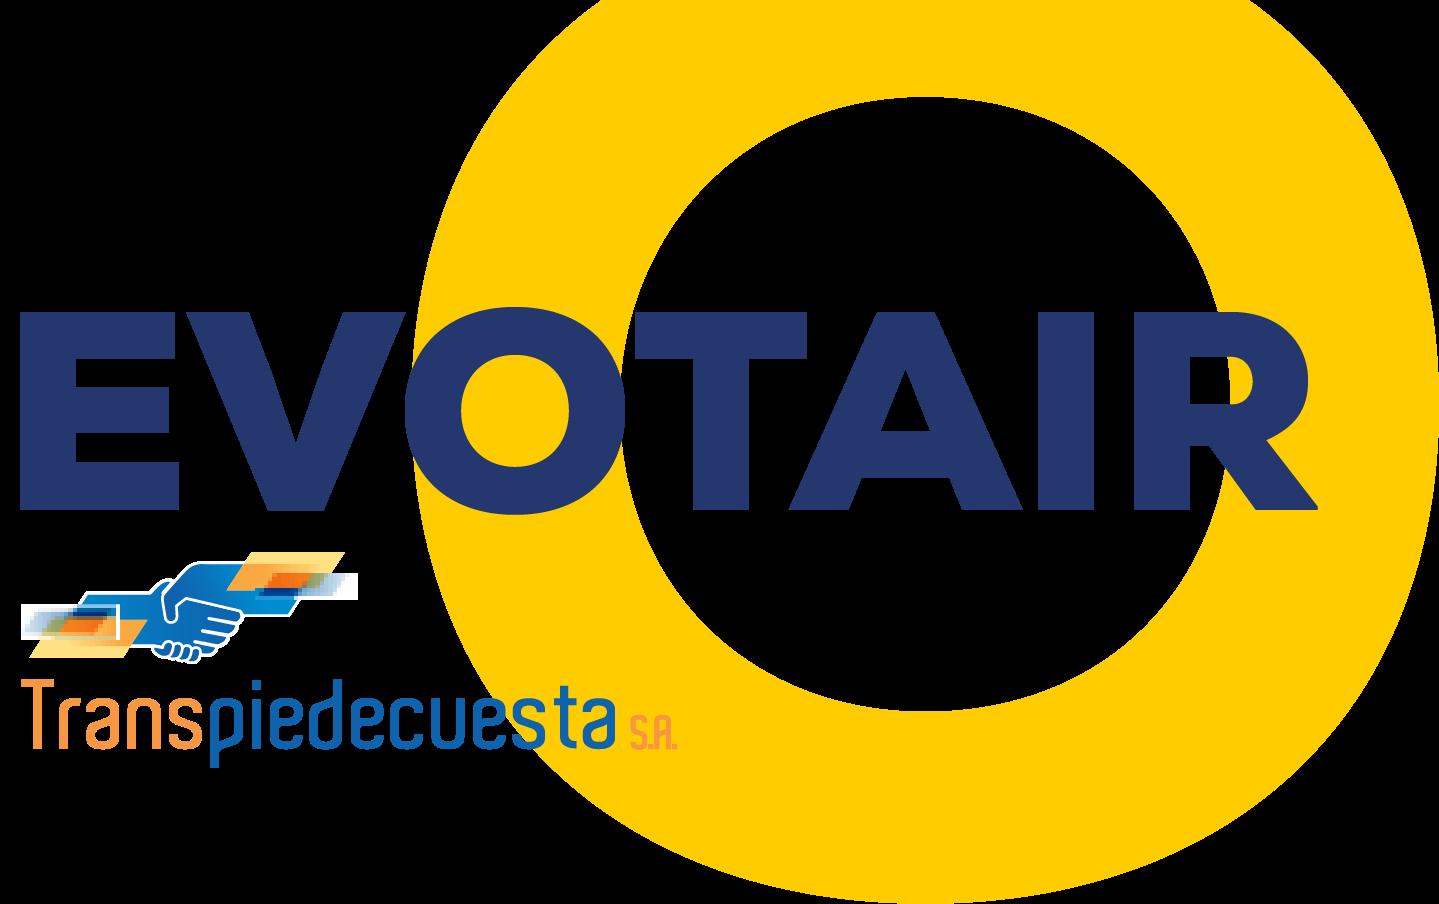 EVOTAIR - COMPRAR LLANTAS EN COLOMBIA, BOGOTÁ, BUCARAMANGA, BARRANQUILLA, MEDELLIN, CUCUTA, CALI